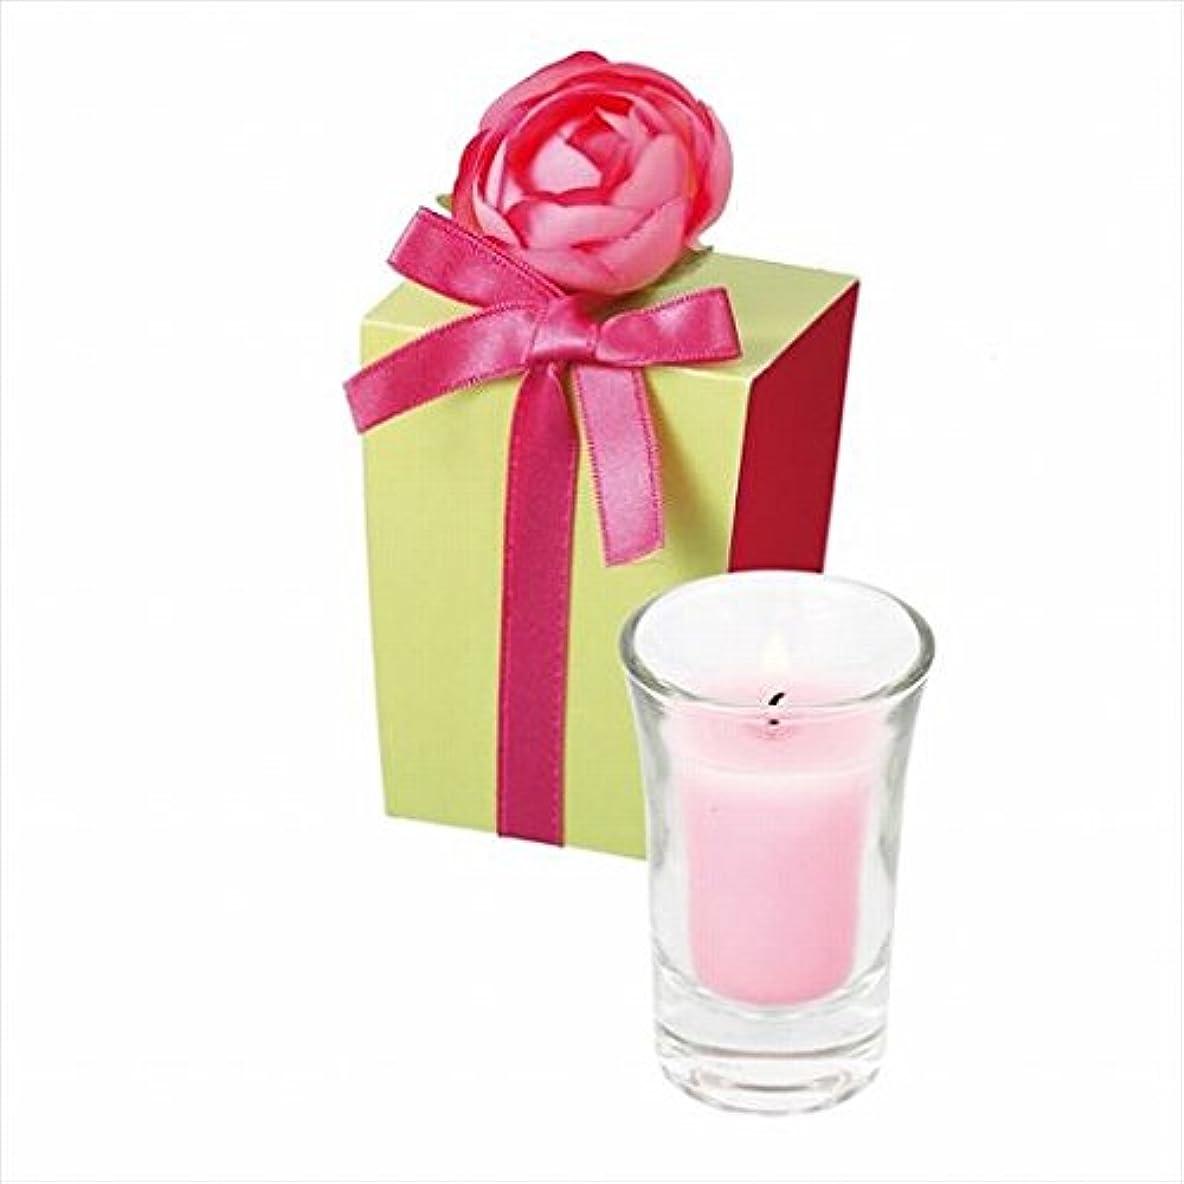 ささいな成人期砂のカメヤマキャンドル(kameyama candle) ラナンキュラスグラスキャンドル 「 ピンク 」